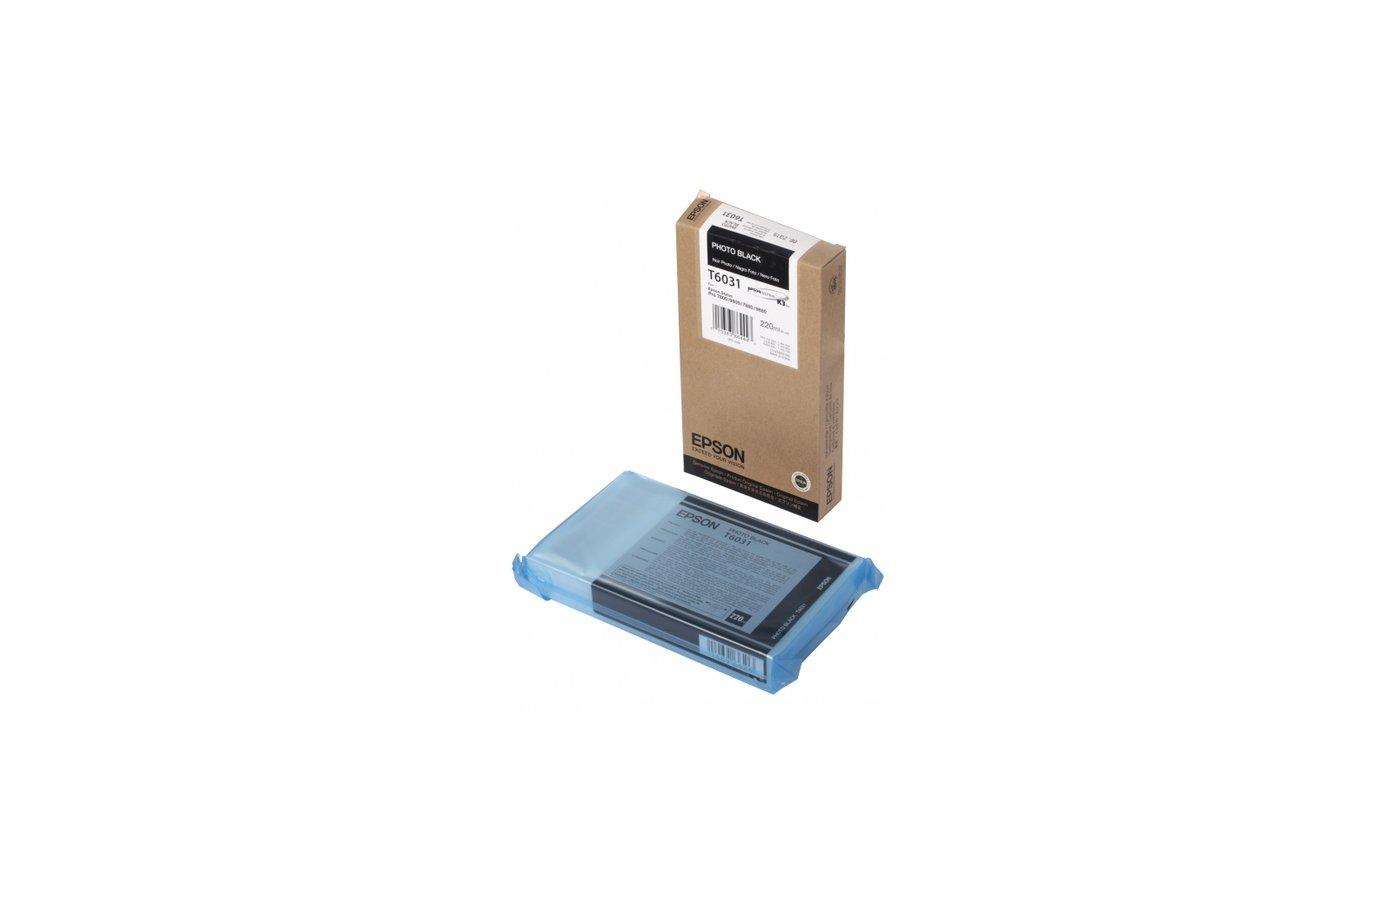 Картридж струйный Epson C13T603100 black для Stylus Pro 7800/9800/7880/9880 (220ml)